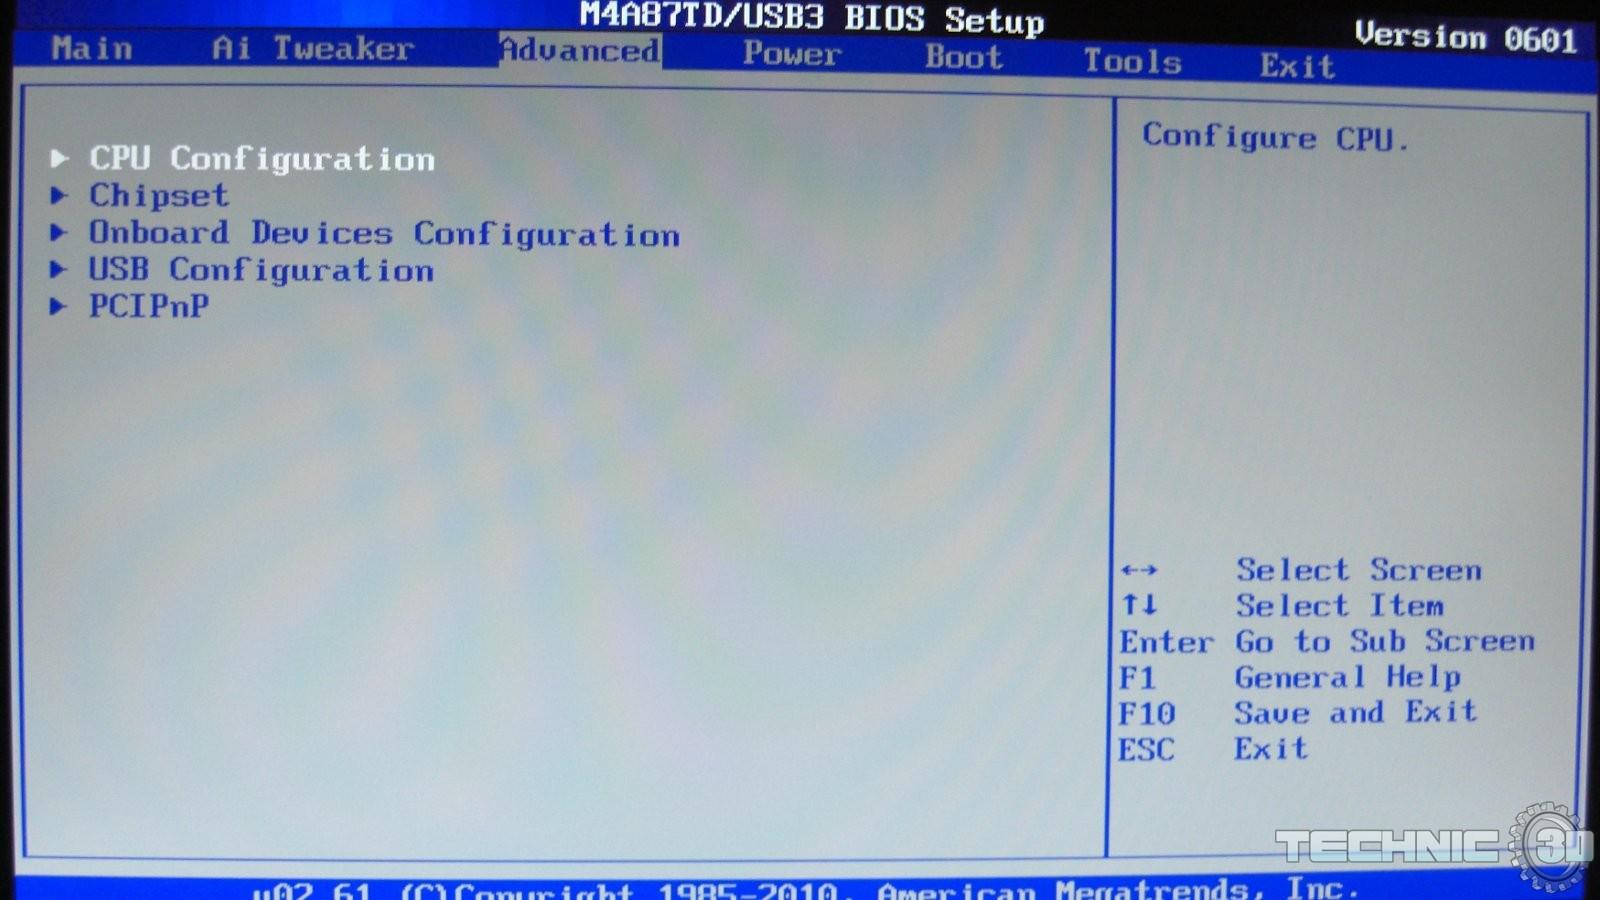 Td securities fx options